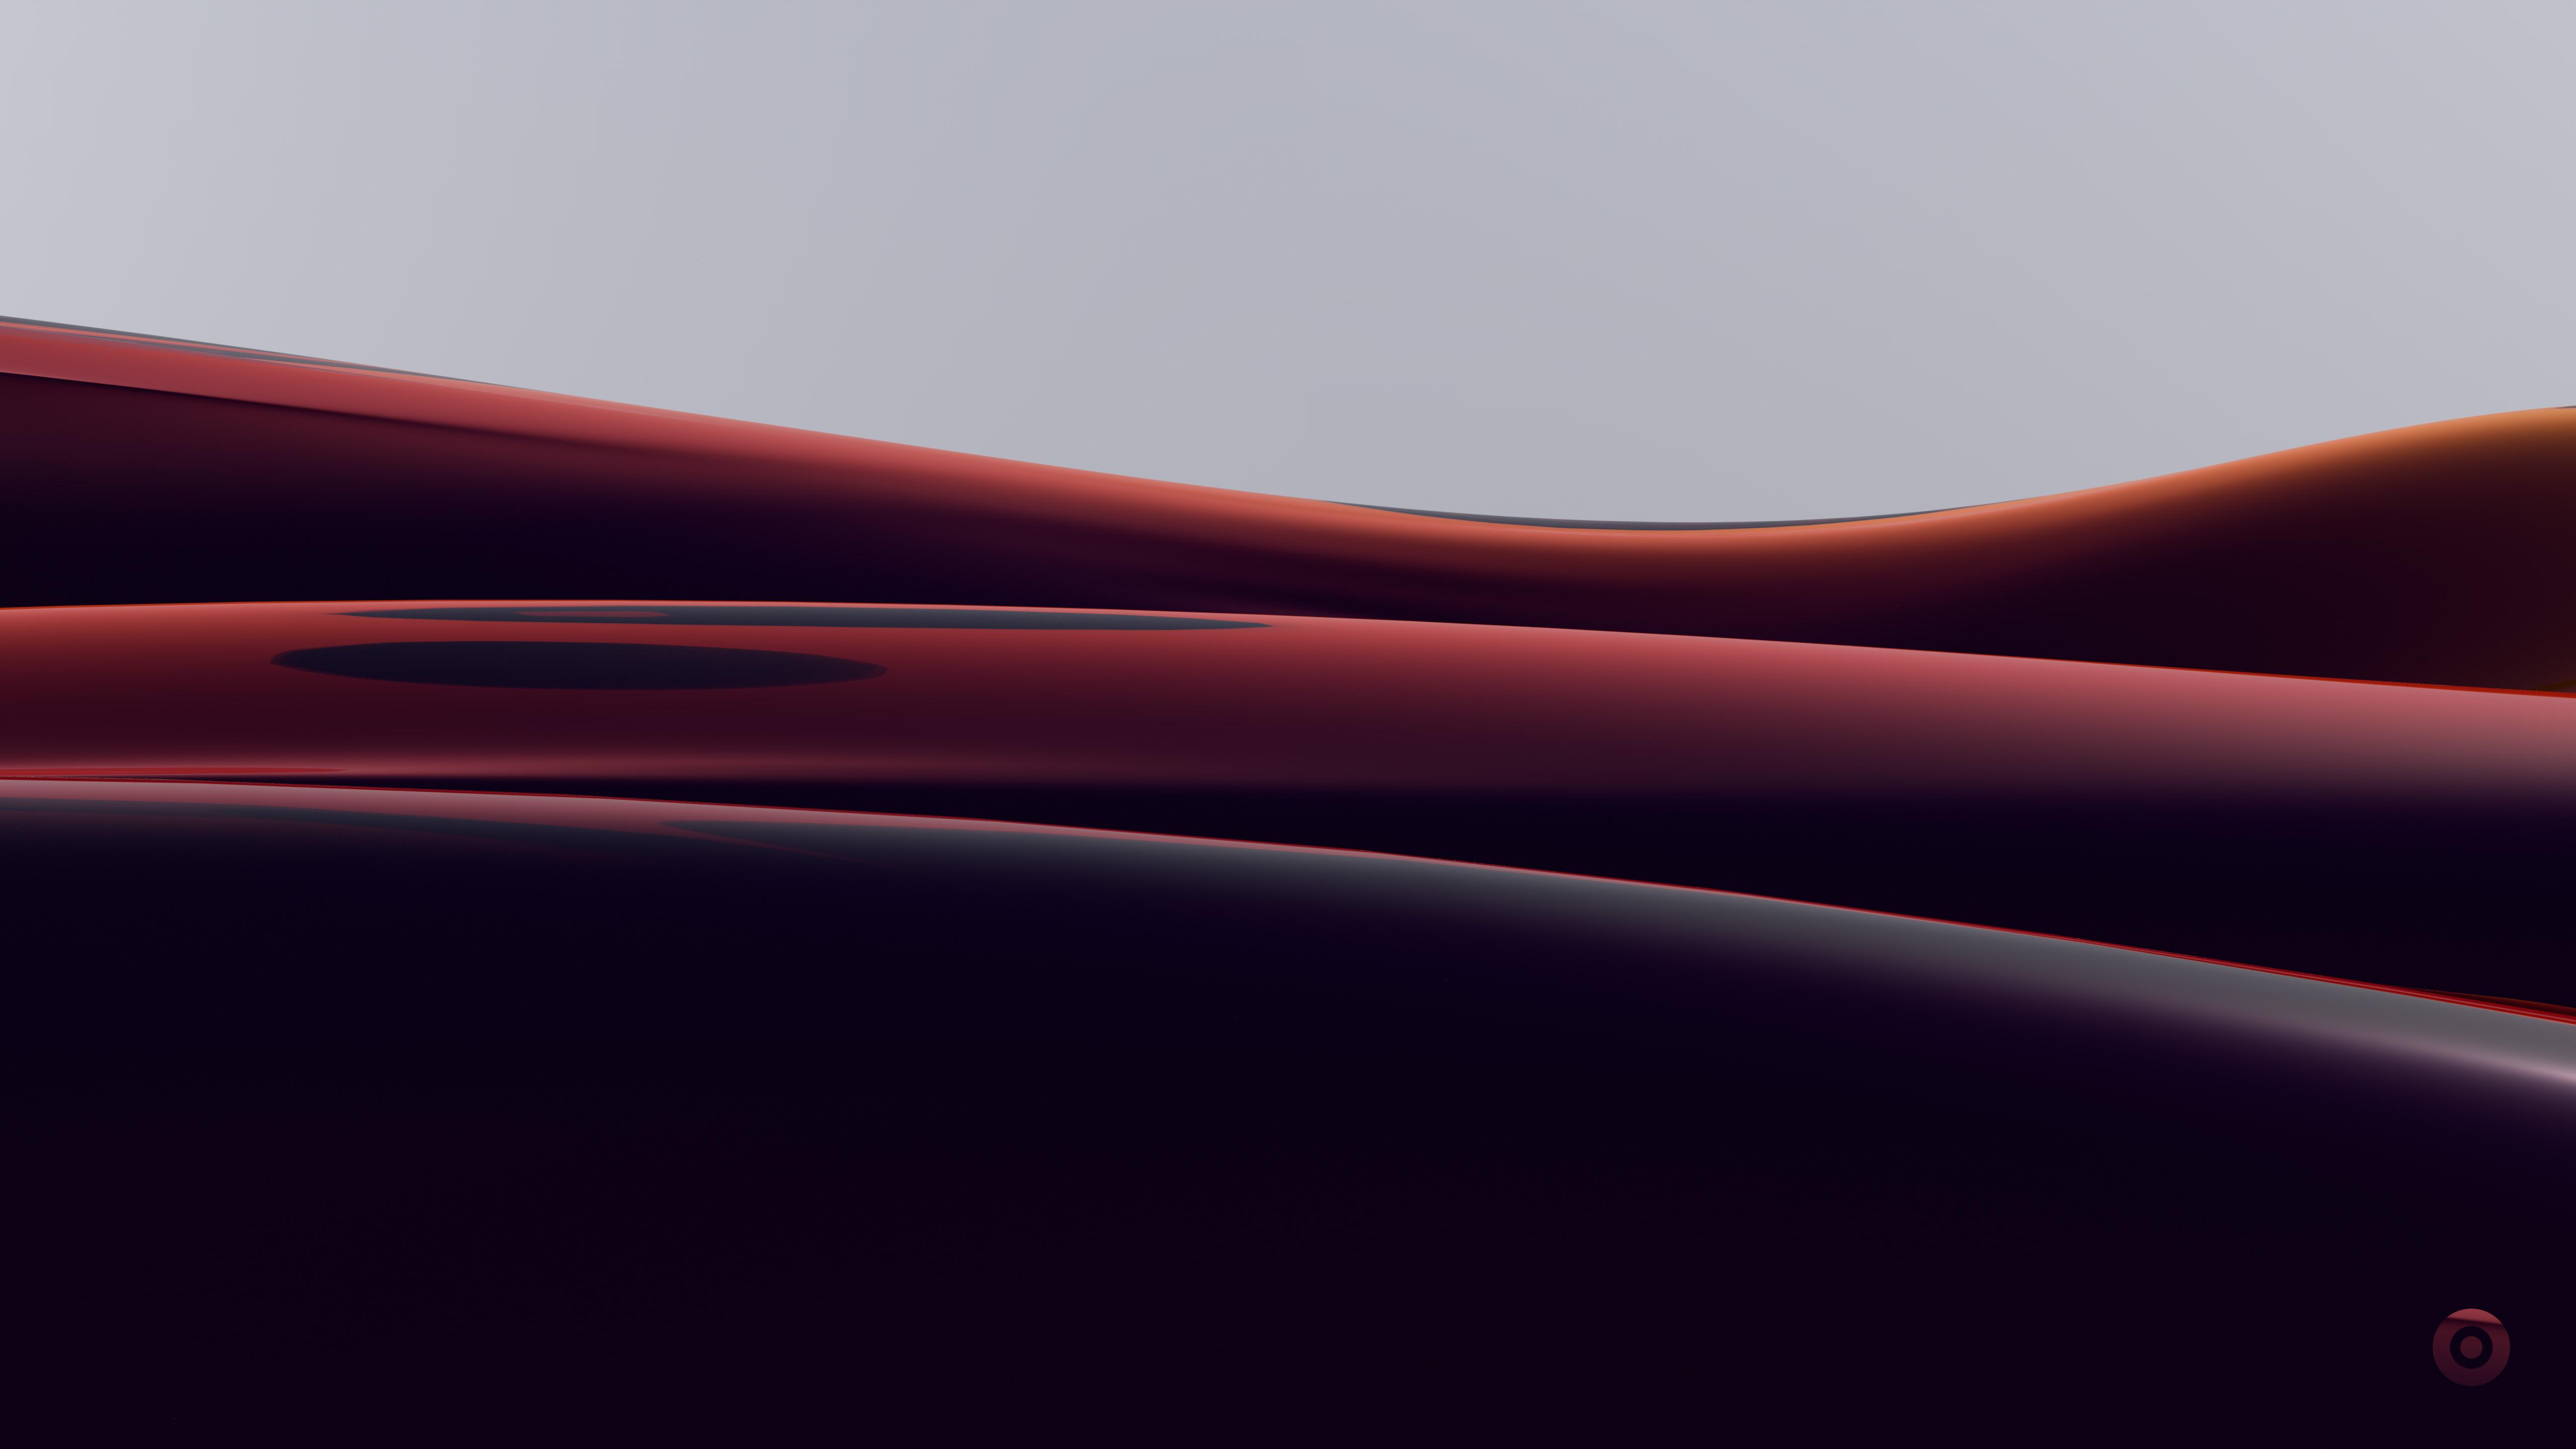 Glass waves wallpaper 5120